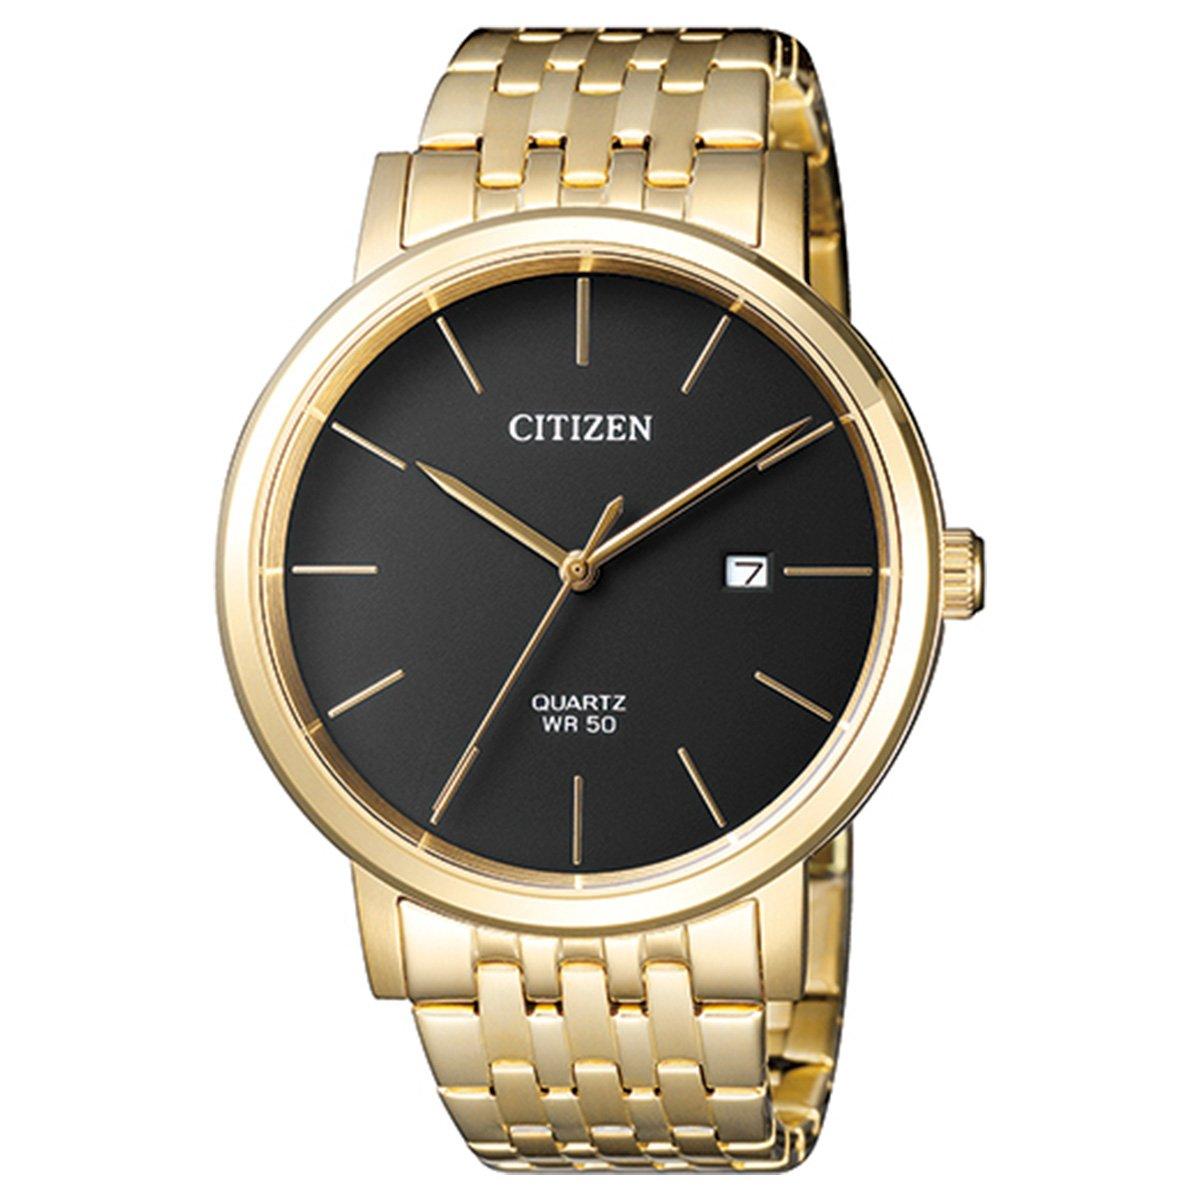 d05410acc06 Relógio Citizen Analógico TZ20699U Masculino - Dourado e Preto - Compre  Agora